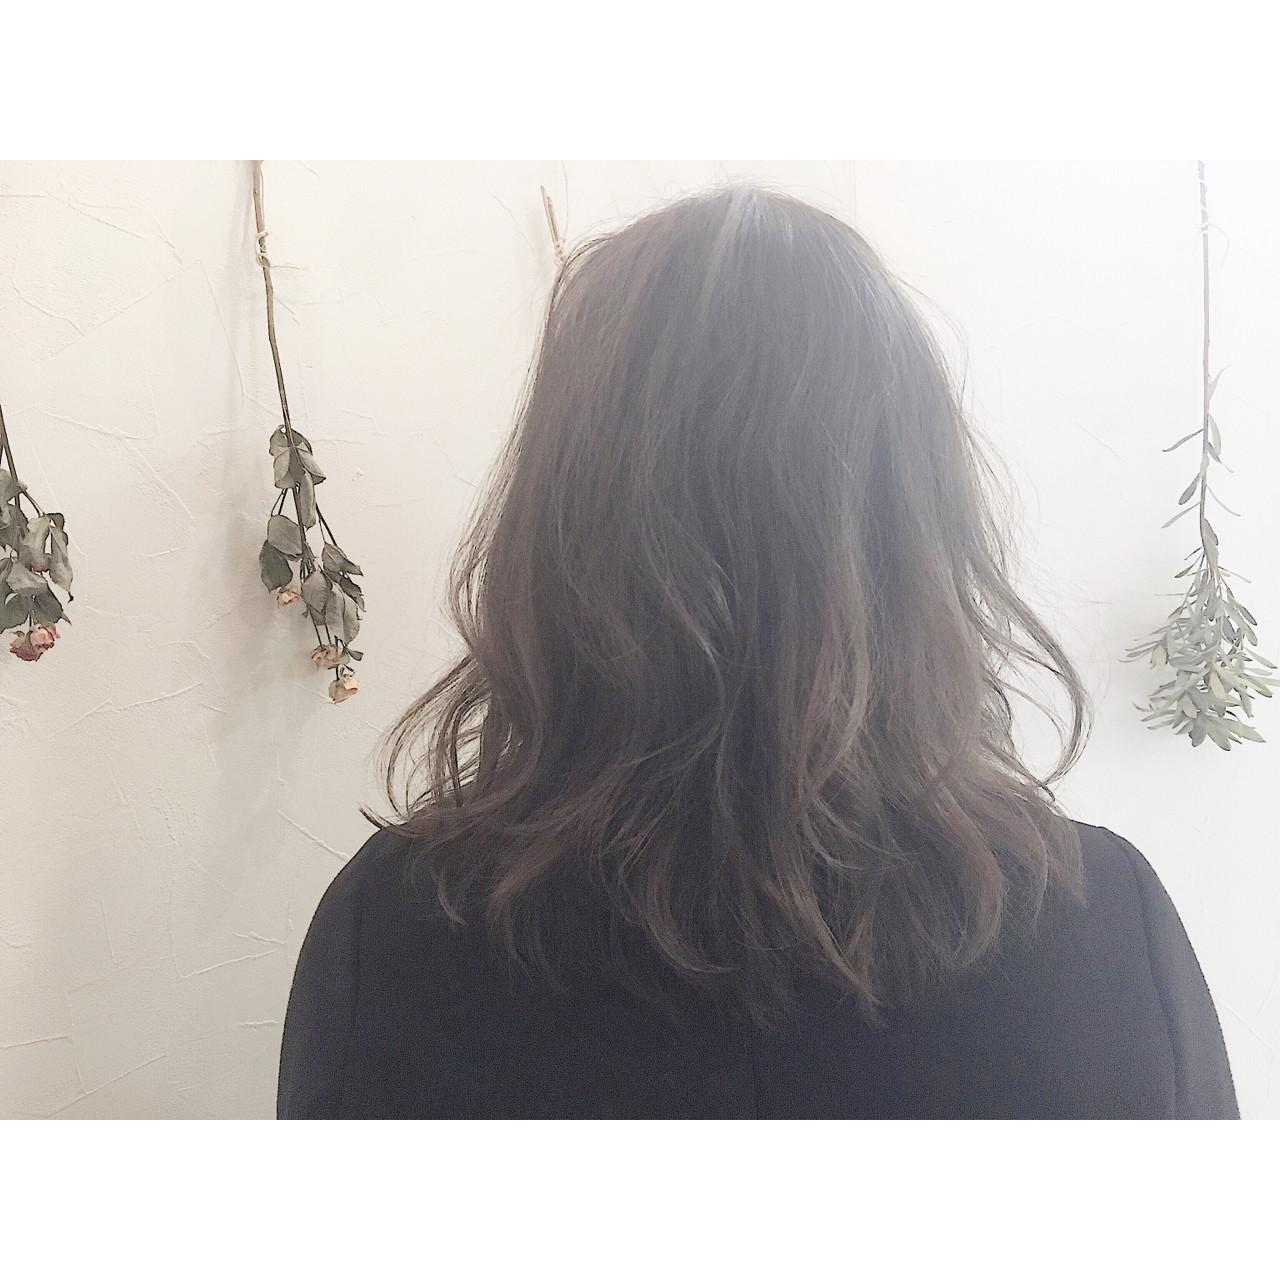 おフェロ セミロング ハイライト ナチュラル ヘアスタイルや髪型の写真・画像